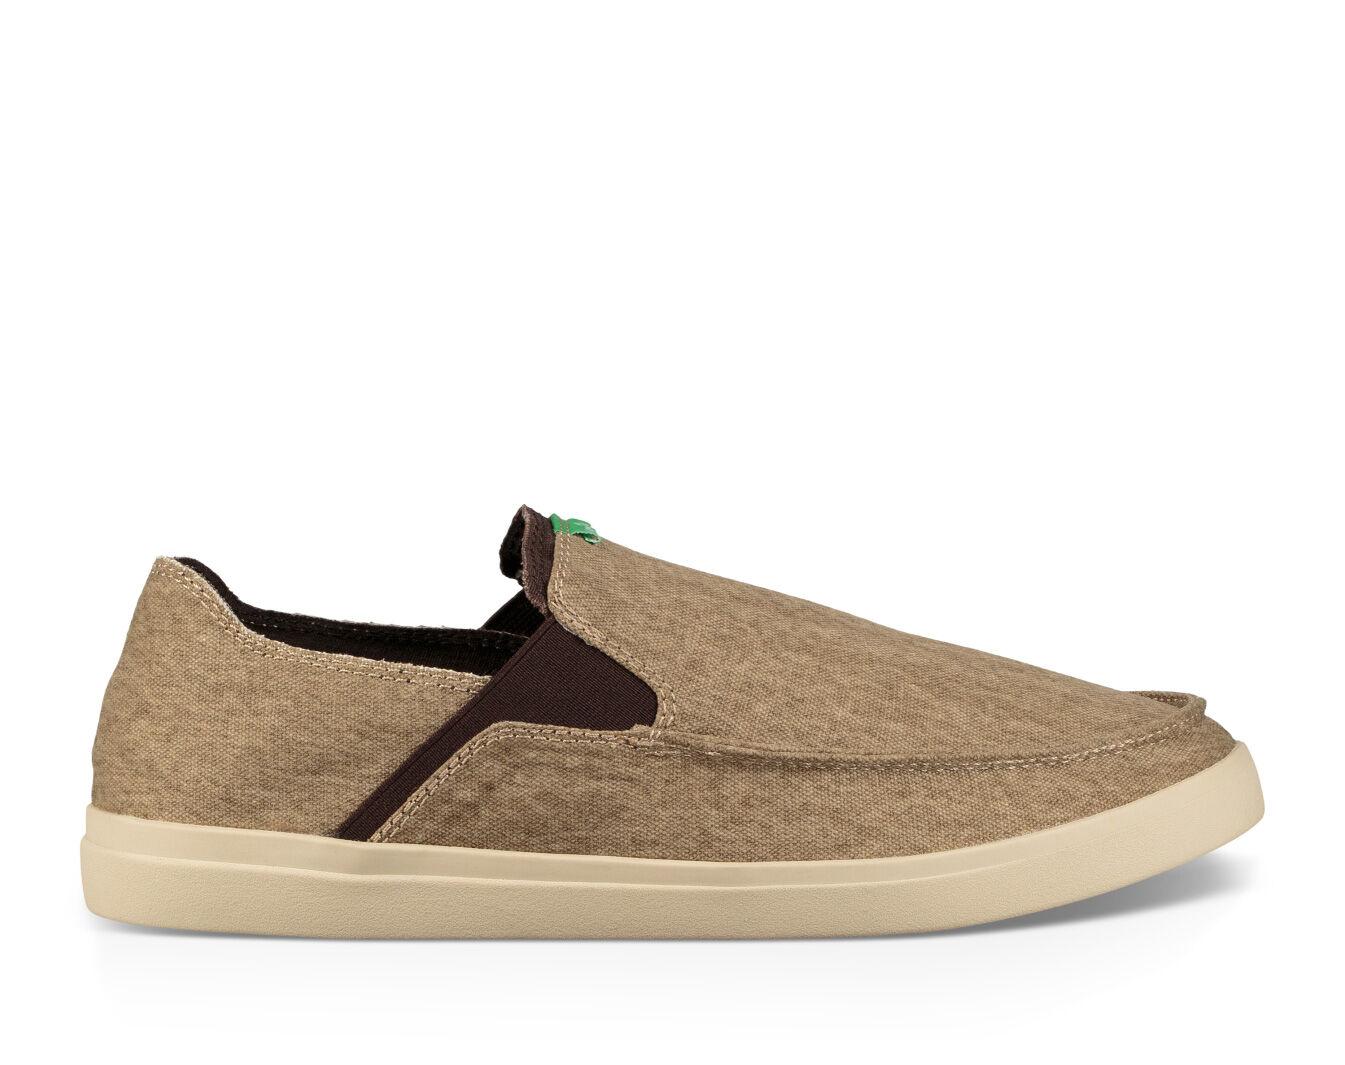 Pick Pocket Slip-On Sneaker   Sanuk